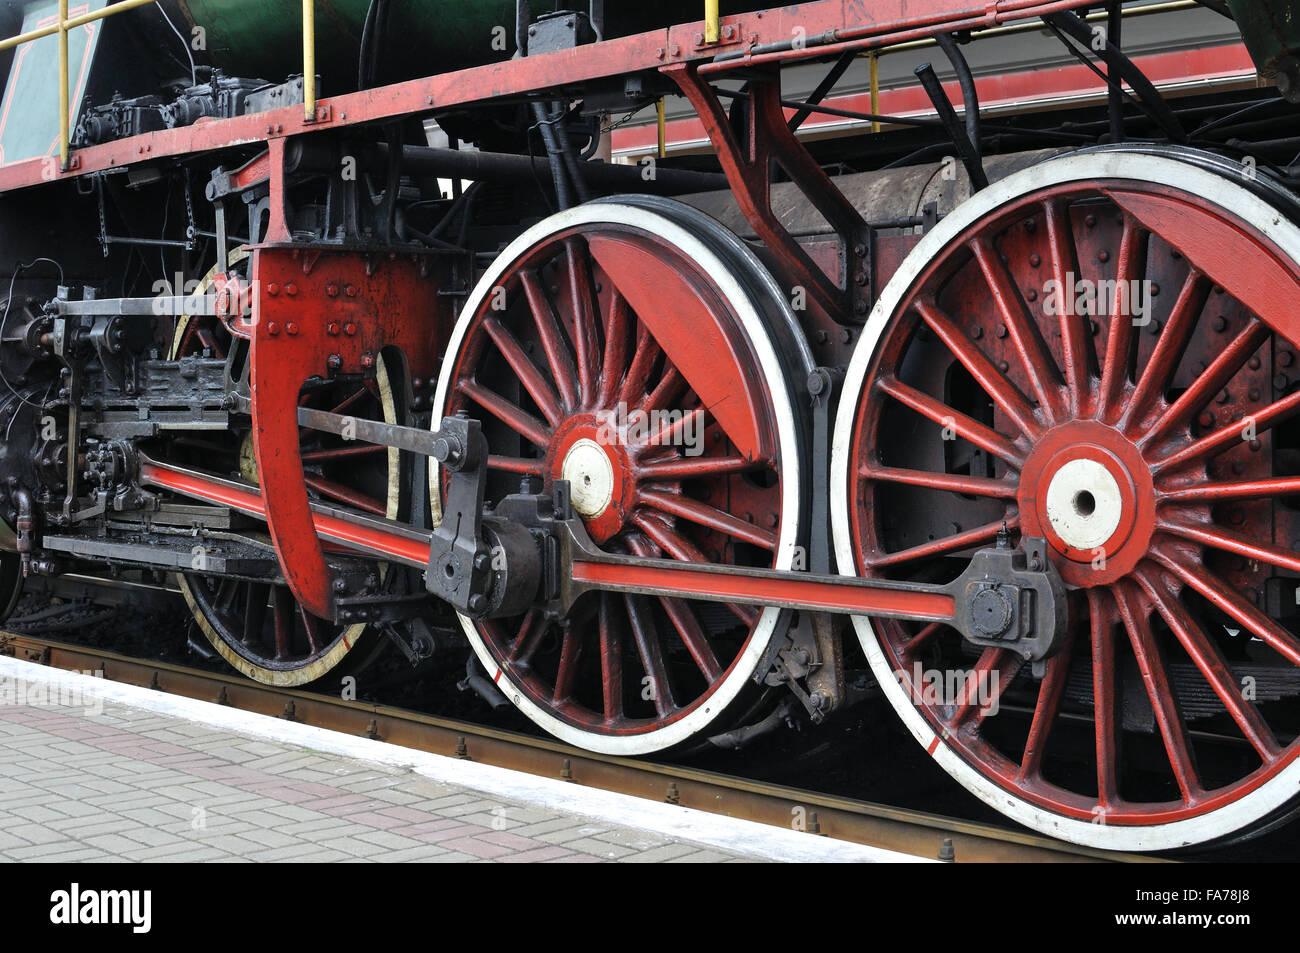 Locomotive Active Imágenes De Stock & Locomotive Active Fotos De ...